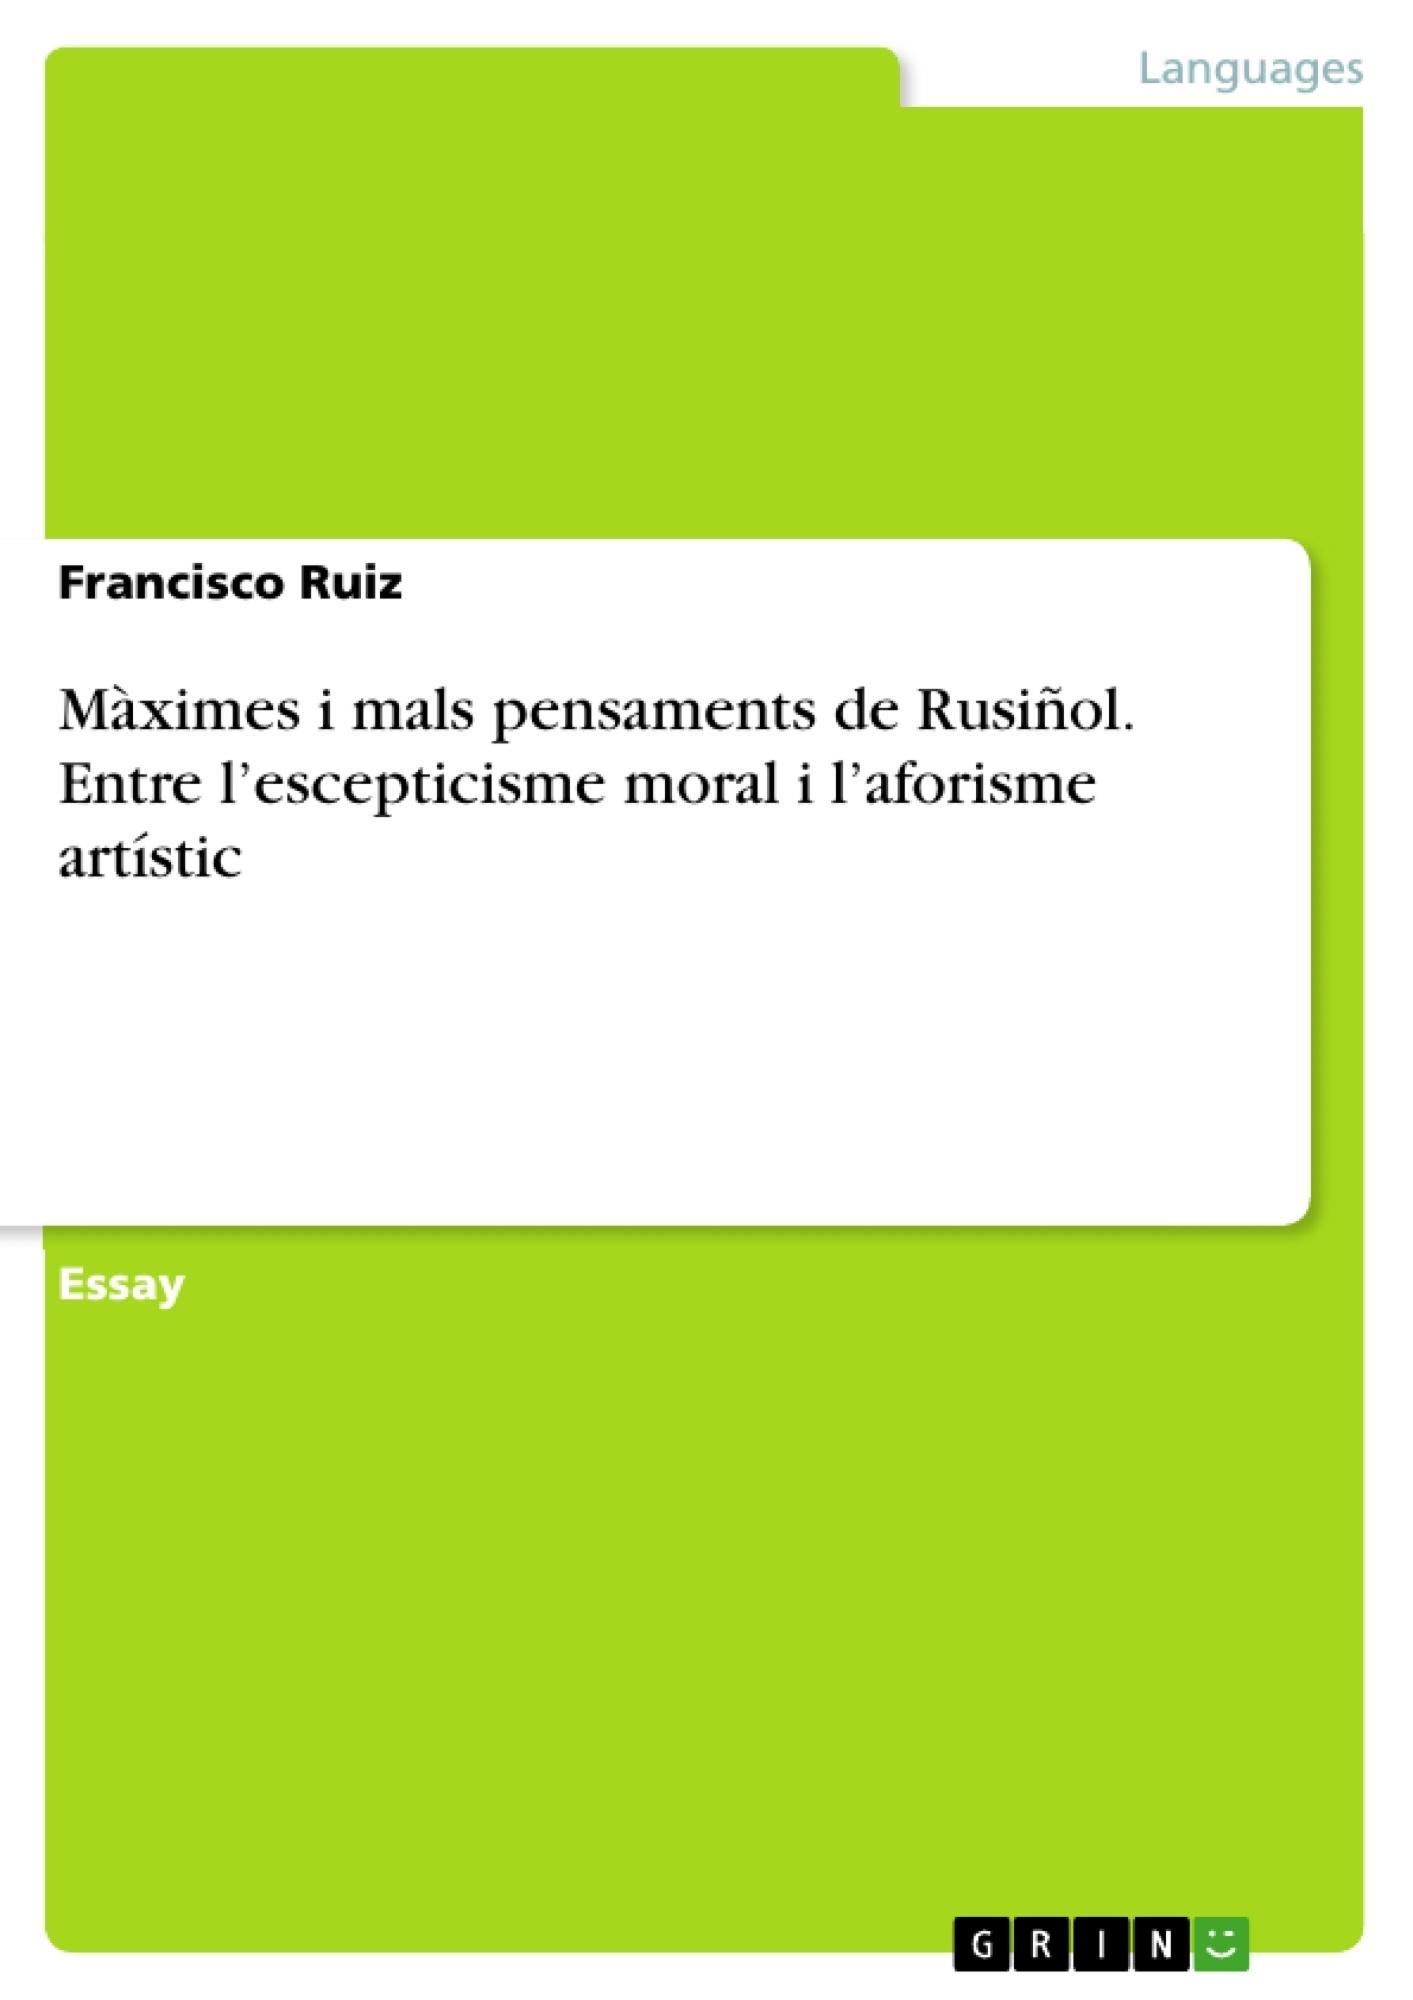 Title: Màximes i mals pensaments de Rusiñol. Entre l'escepticisme moral i l'aforisme artístic